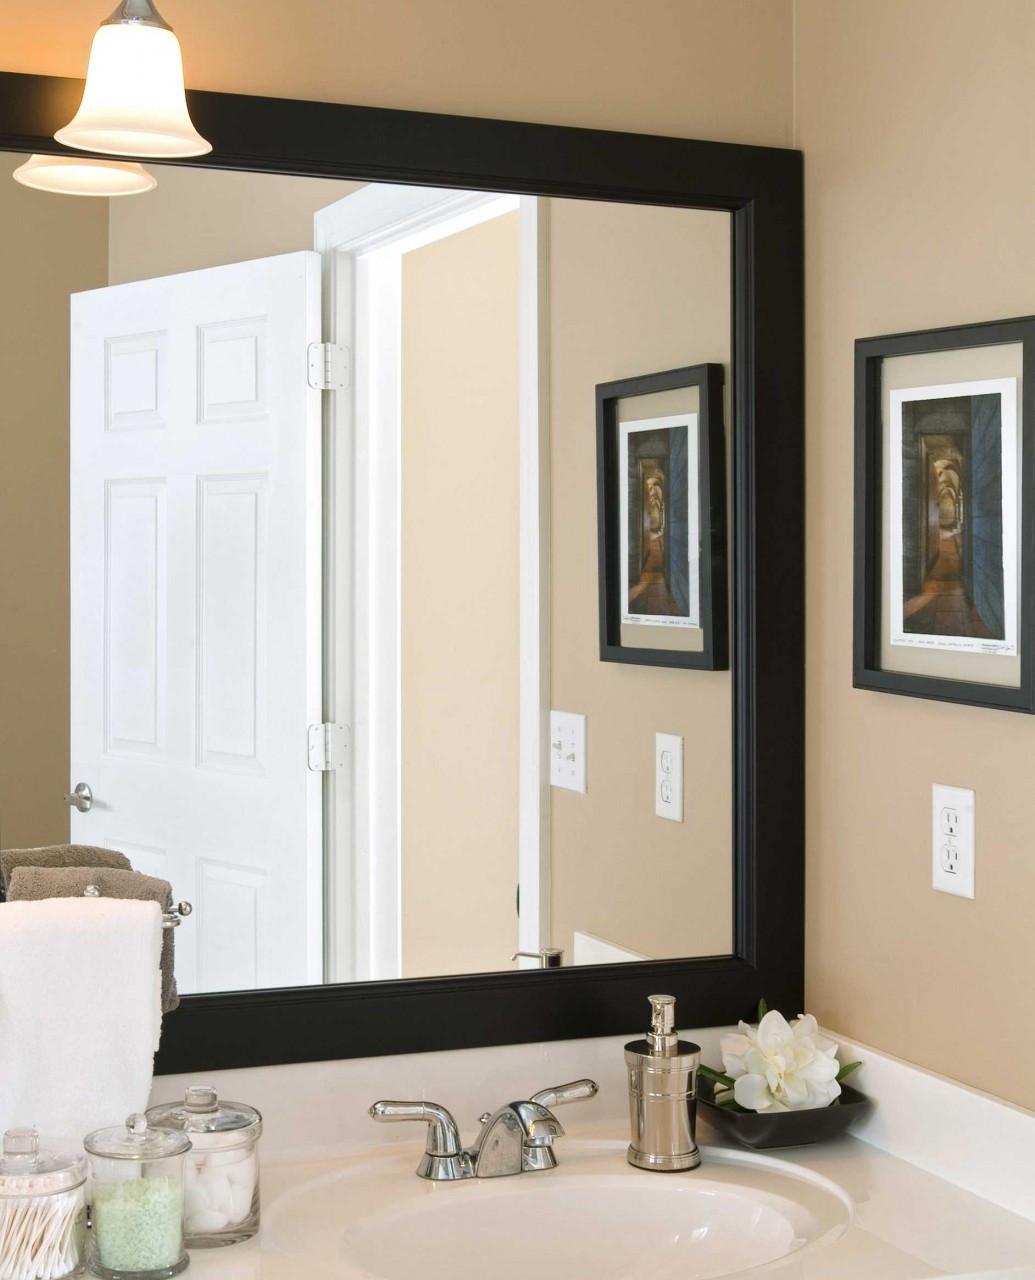 Bathroom Mirror Frames  Bathroom Mirror  Vanity Mirror